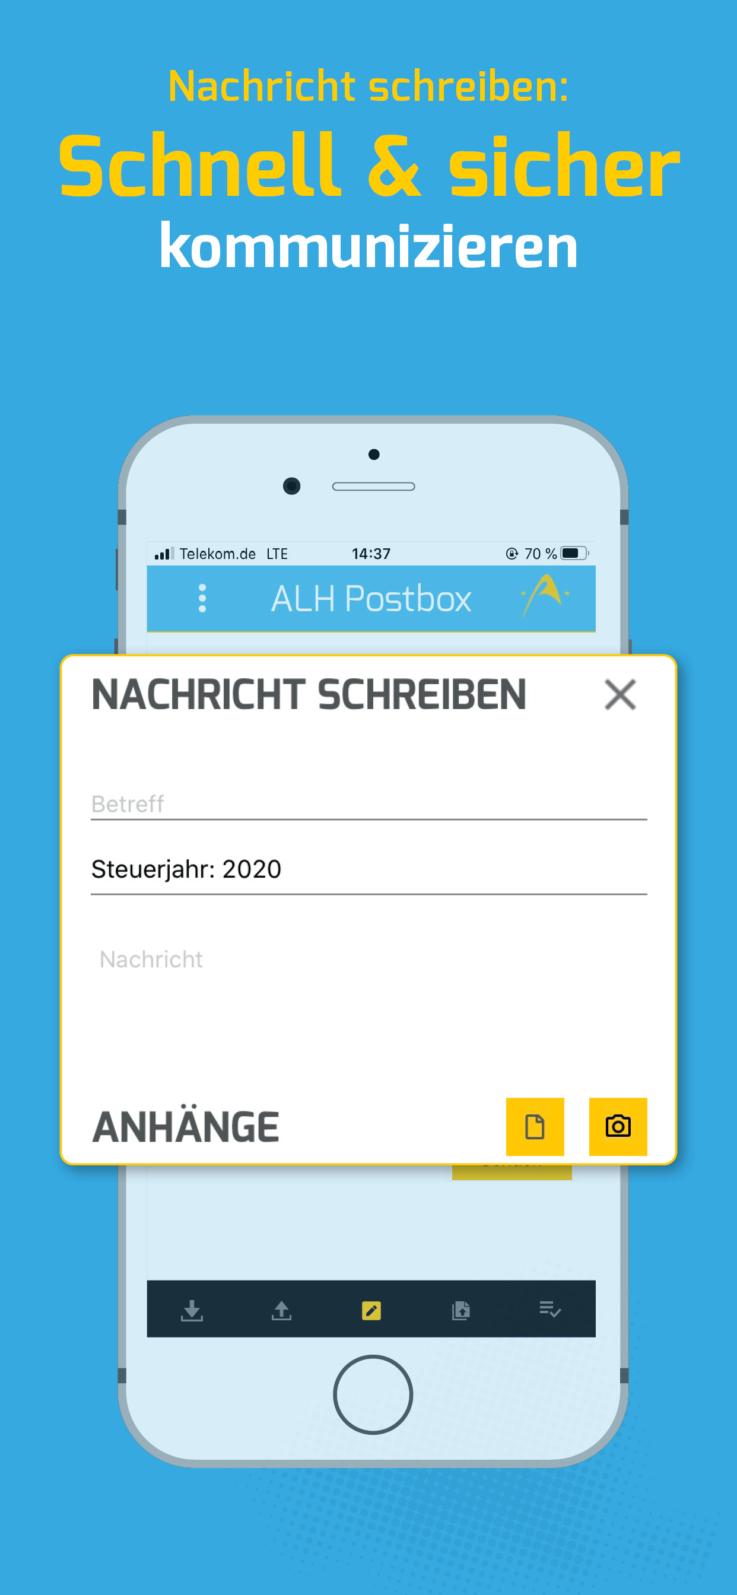 ALH Postbox App Nachricht schreiben schnell & sicher kommunizieren